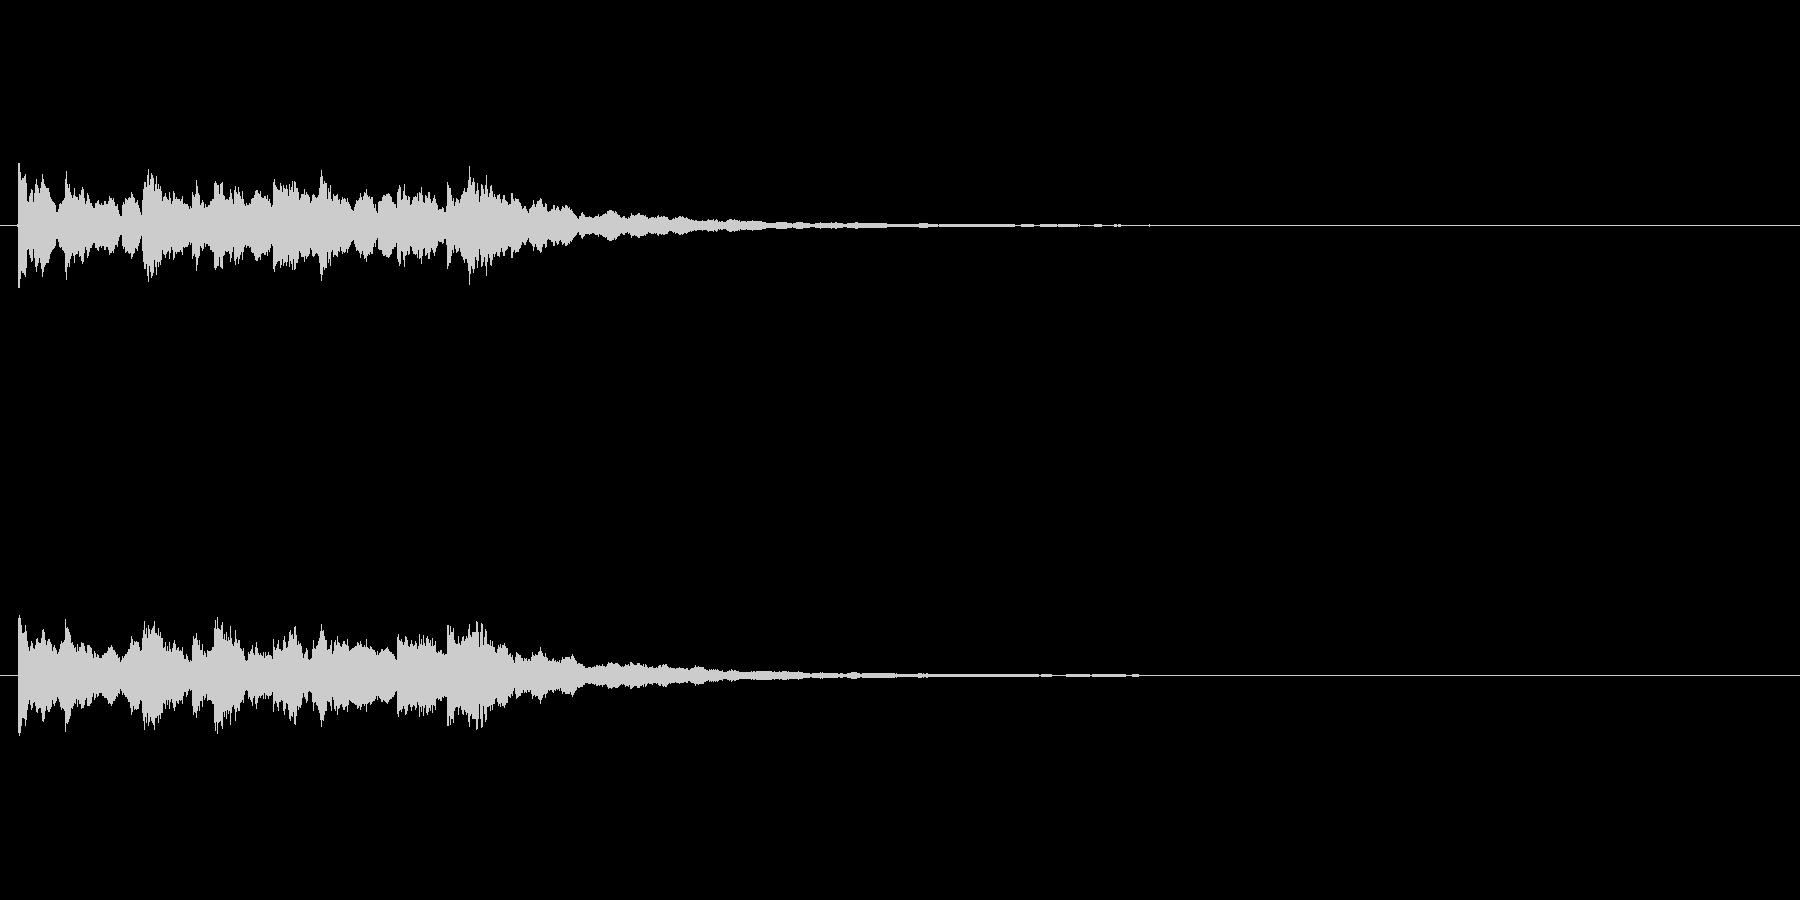 ピンポンピンポンピンポン綺麗なベル正解音の未再生の波形